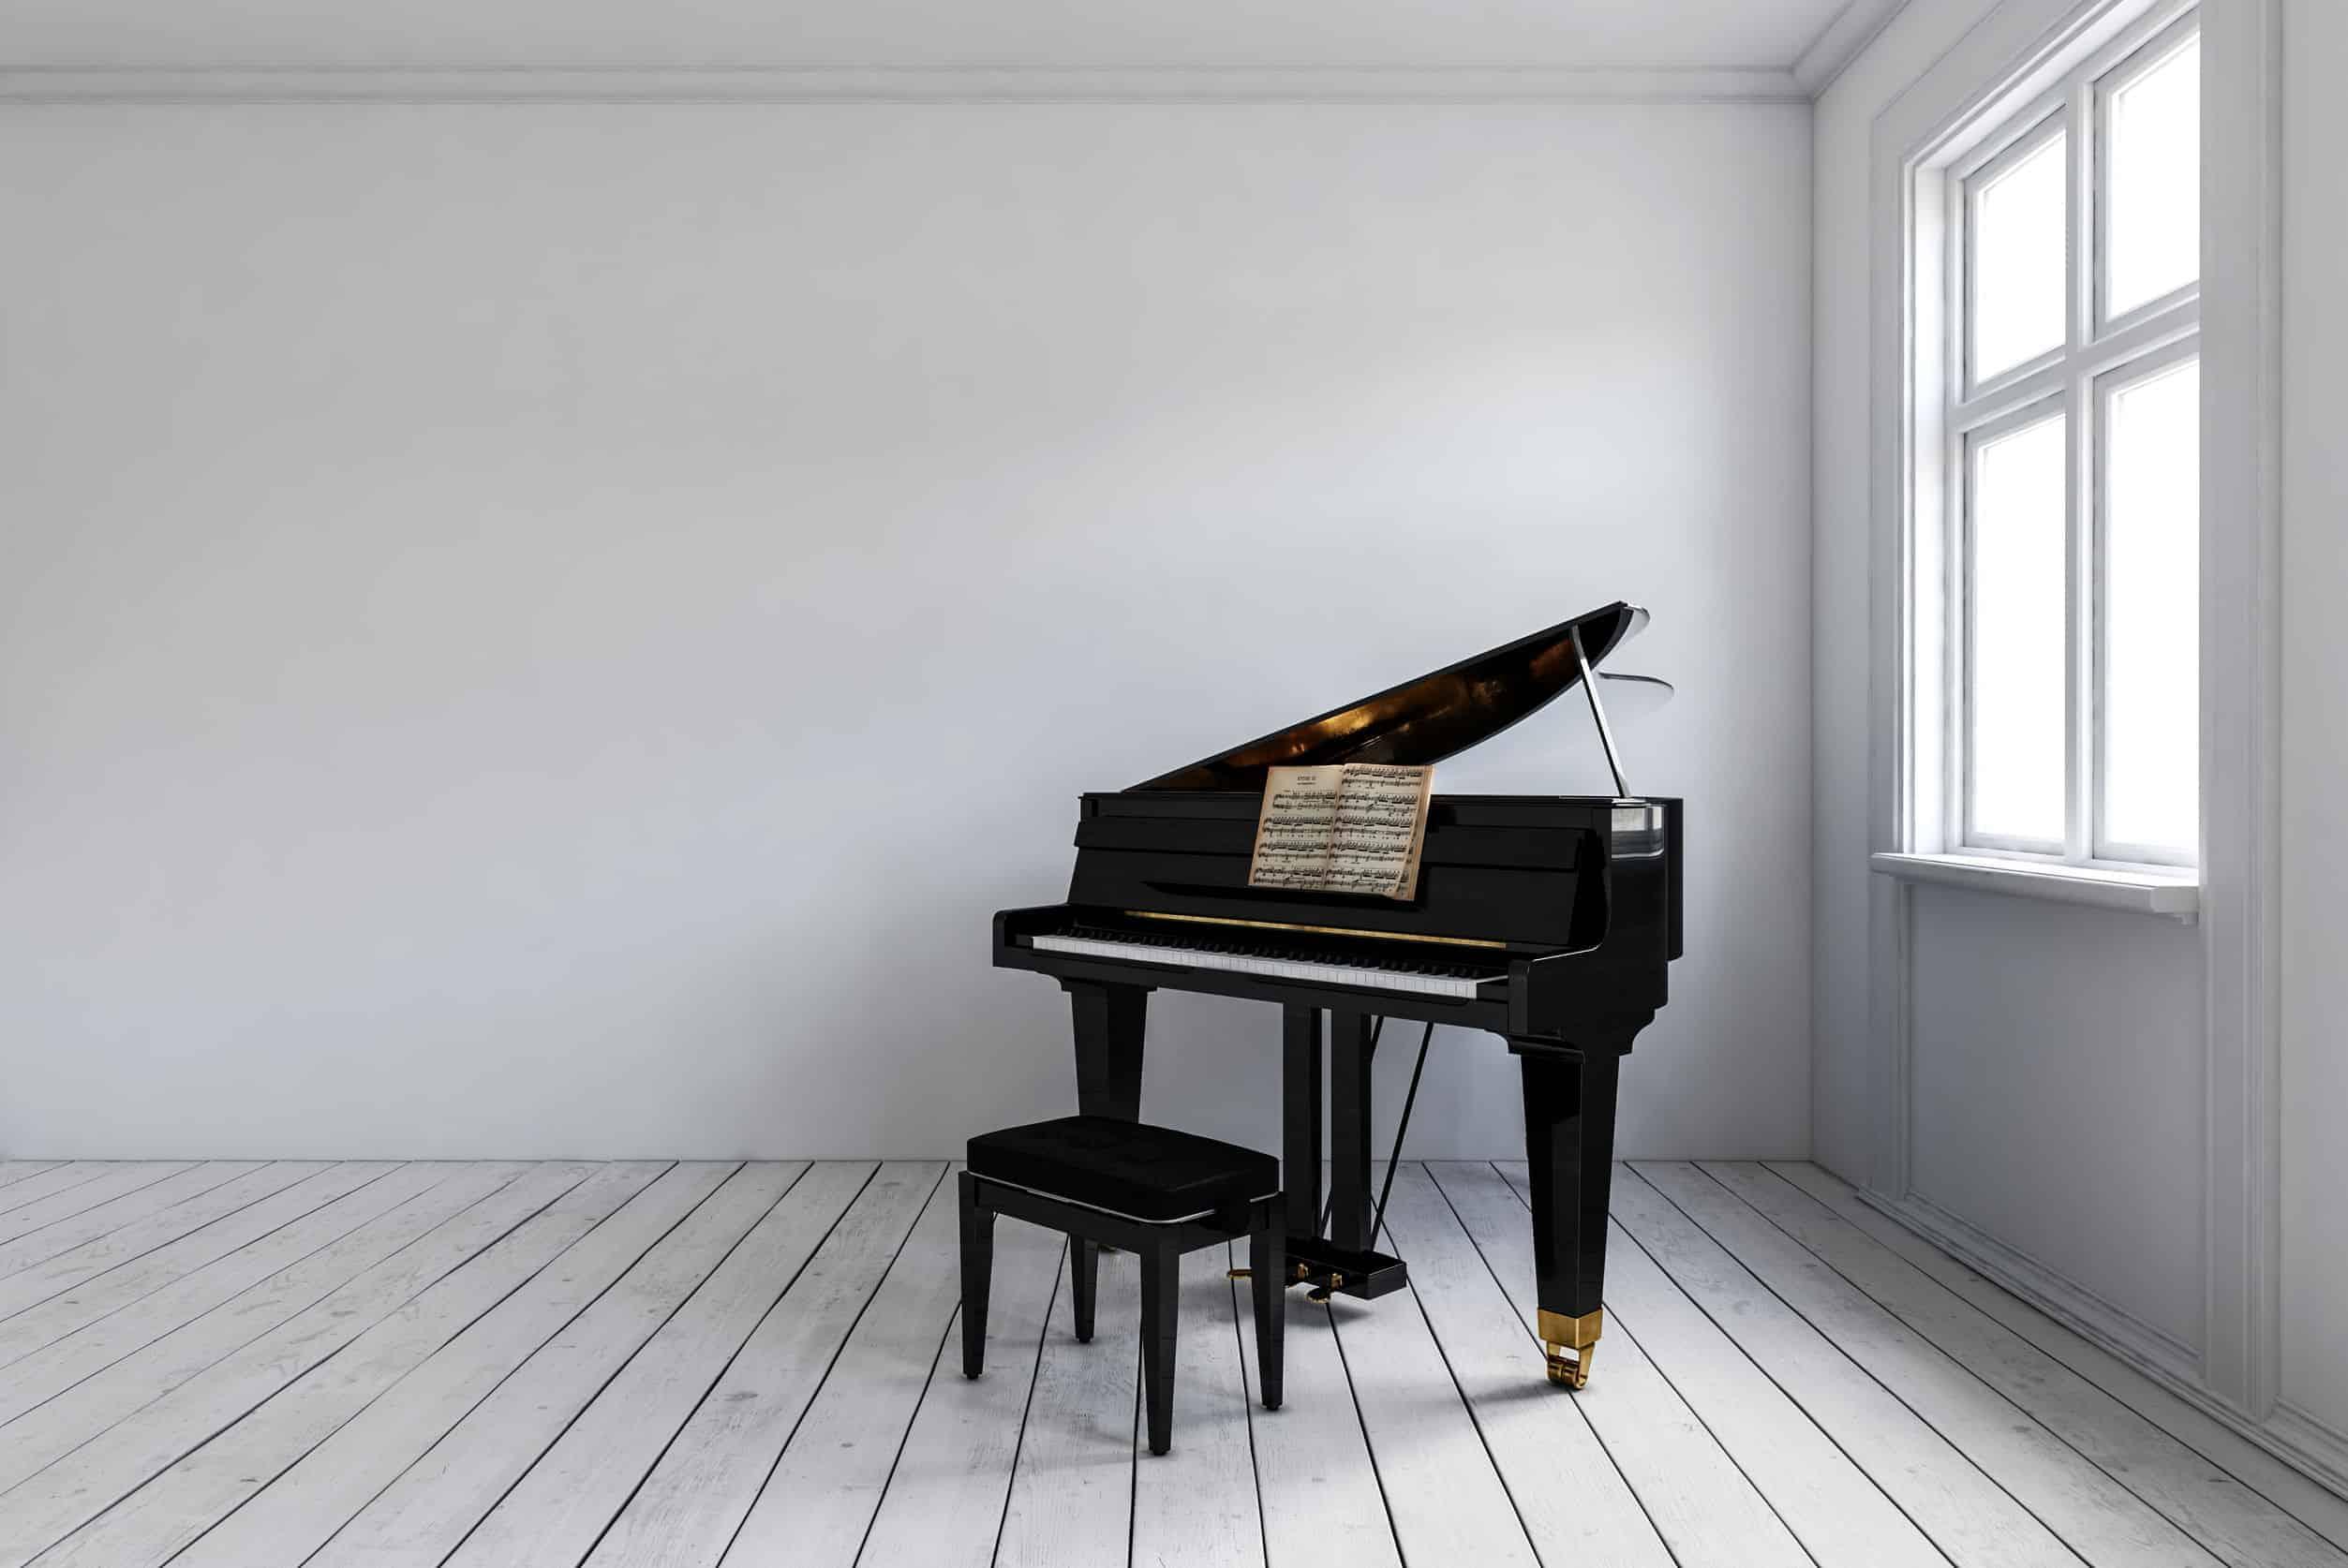 Klavierbank: Test & Empfehlungen (04/21)